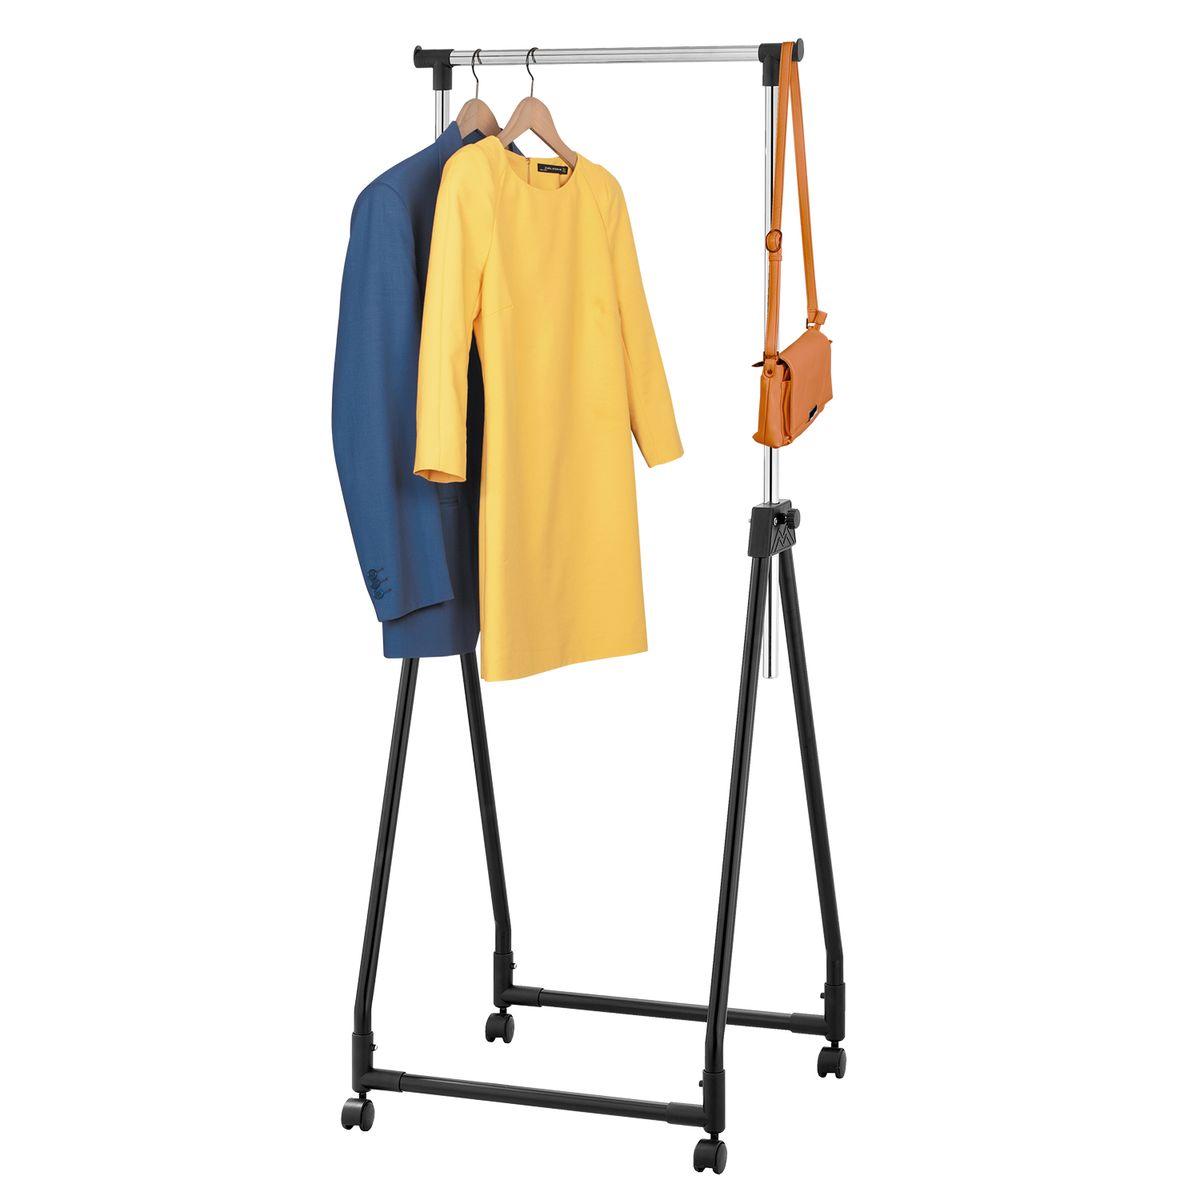 Стойка для одежды Tatkraft Swift, складная , цвет: черныйES-412Складная стойка для одежды Tatkraft Swift выполнена из хромированной и окрашенной стали. Имеет надежные зажимы, боковые крючки. Вмещает до 15 вешалок, распределенный вес по длине штанги - 15 кг. Сложенная стойка легко размещается: в шкафу, за дверью, в багажнике.